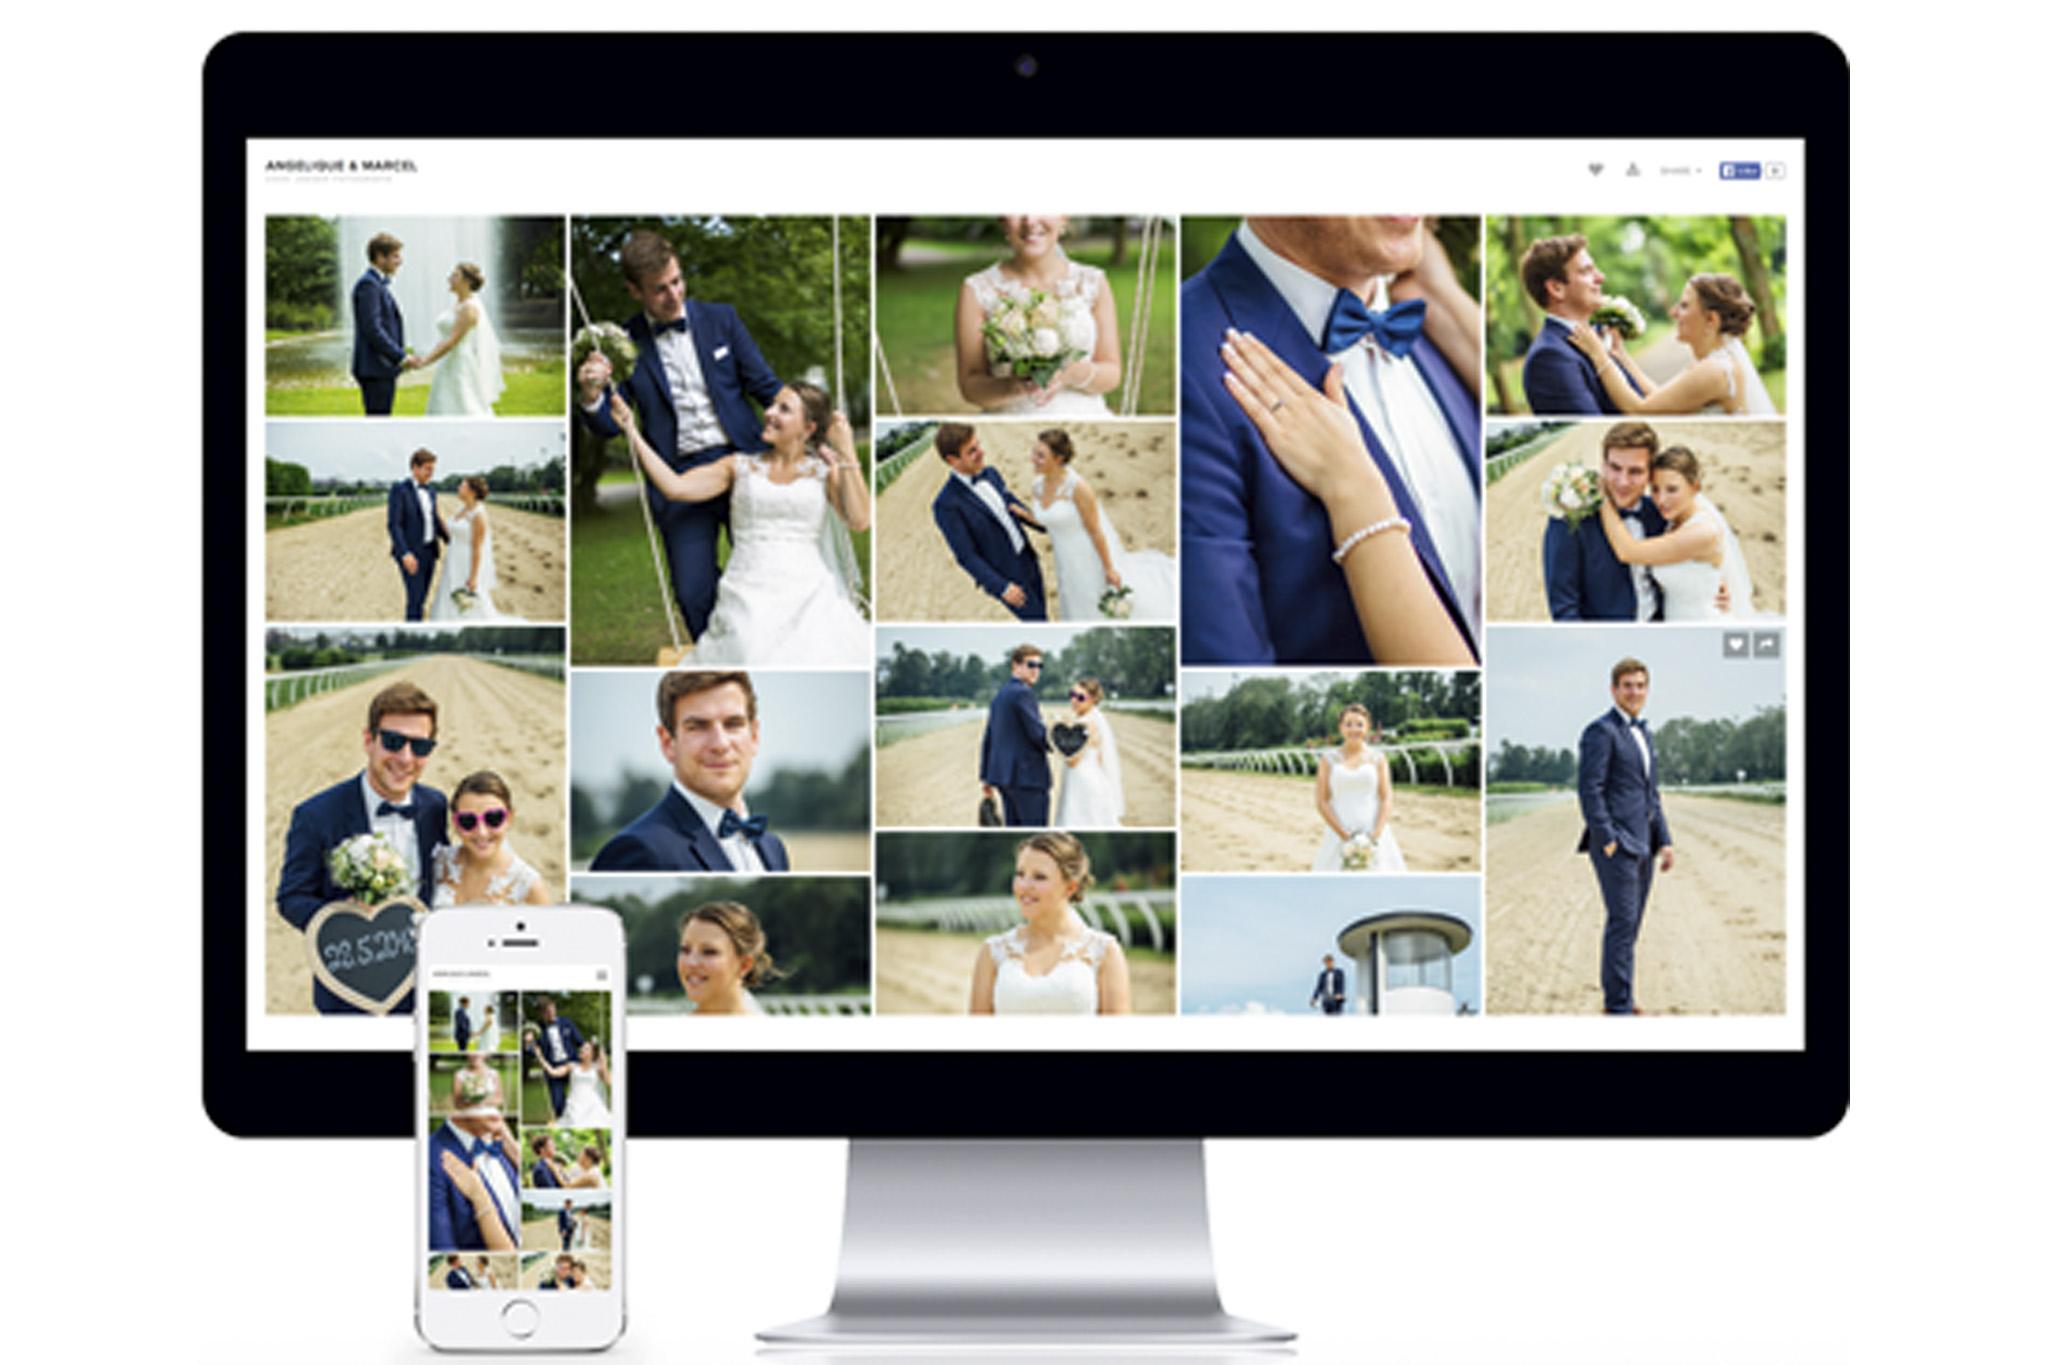 Onlinegalerie - Sobald die Fotos fertig bearbeitet sind, bekommst du von mir einen Link und dein Passwort zugeschickt. Damit hast du Zugriff auf deine persönliche, passwortgeschützte Onlinegalerie, wo du dir die Fotos anschauen und herunterladen kannst. Auf Wunsch ist es sogar möglich, die Fotos gleich als hochwertige ausbelichtete Abzüge zu bestellen. Und das beste ist, dass es, sowohl vom PC aus als auch vom Smartphone oder Tablet, perfekt funktioniert.